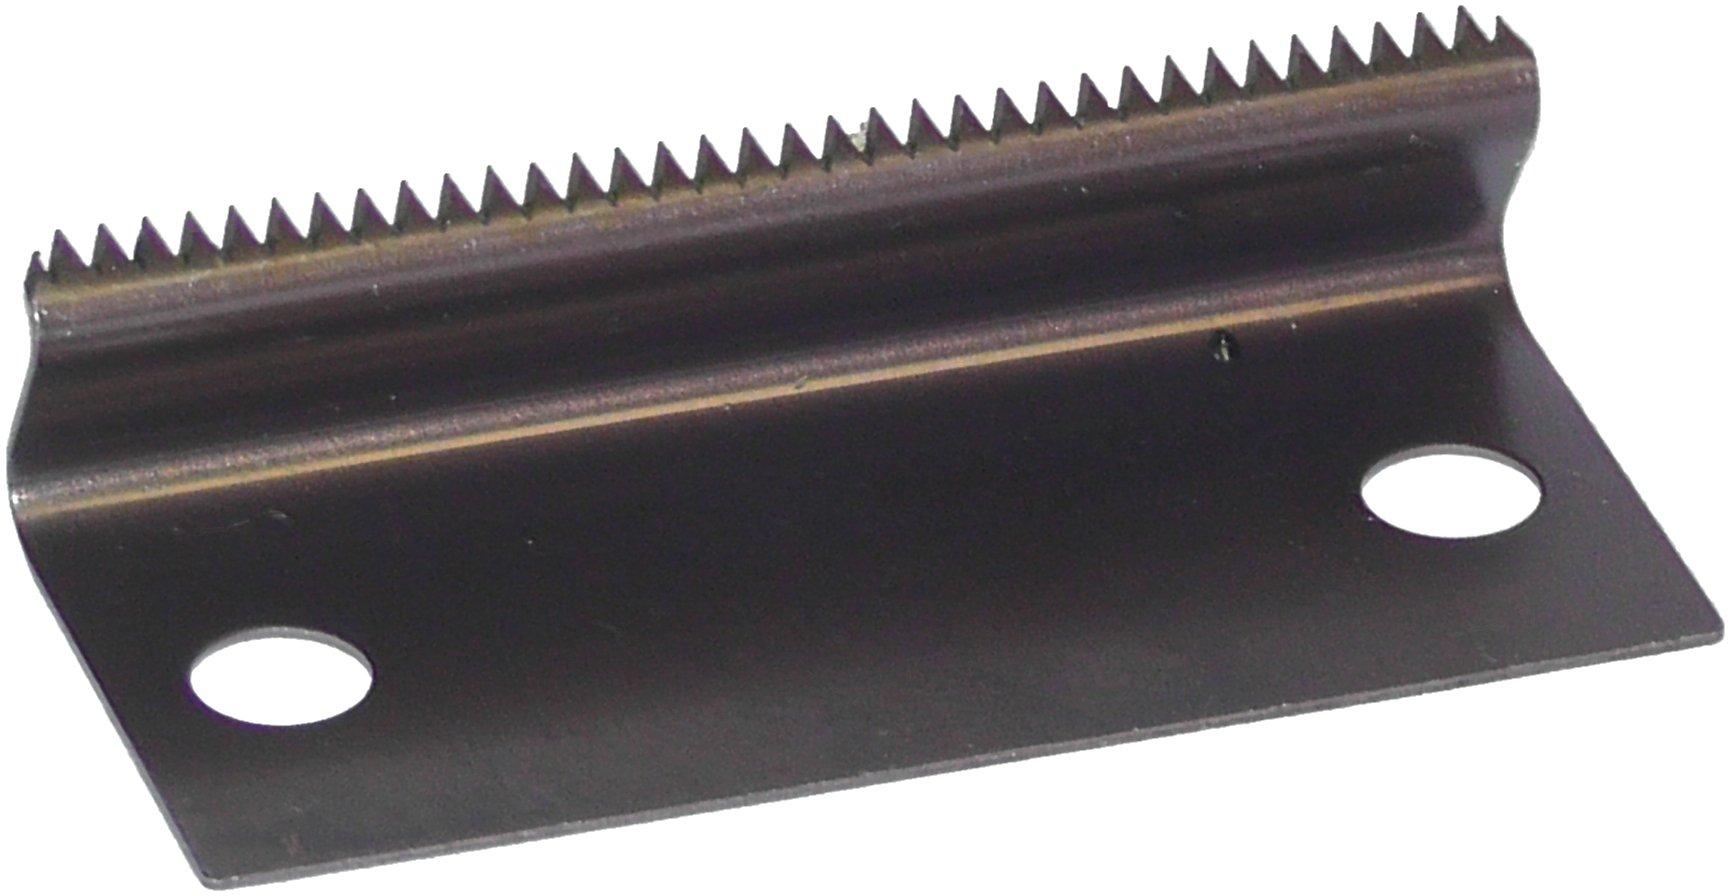 MARSH 50mm Steel Cutter Blade, For Bench Tape Dispenser (Pack of 3)